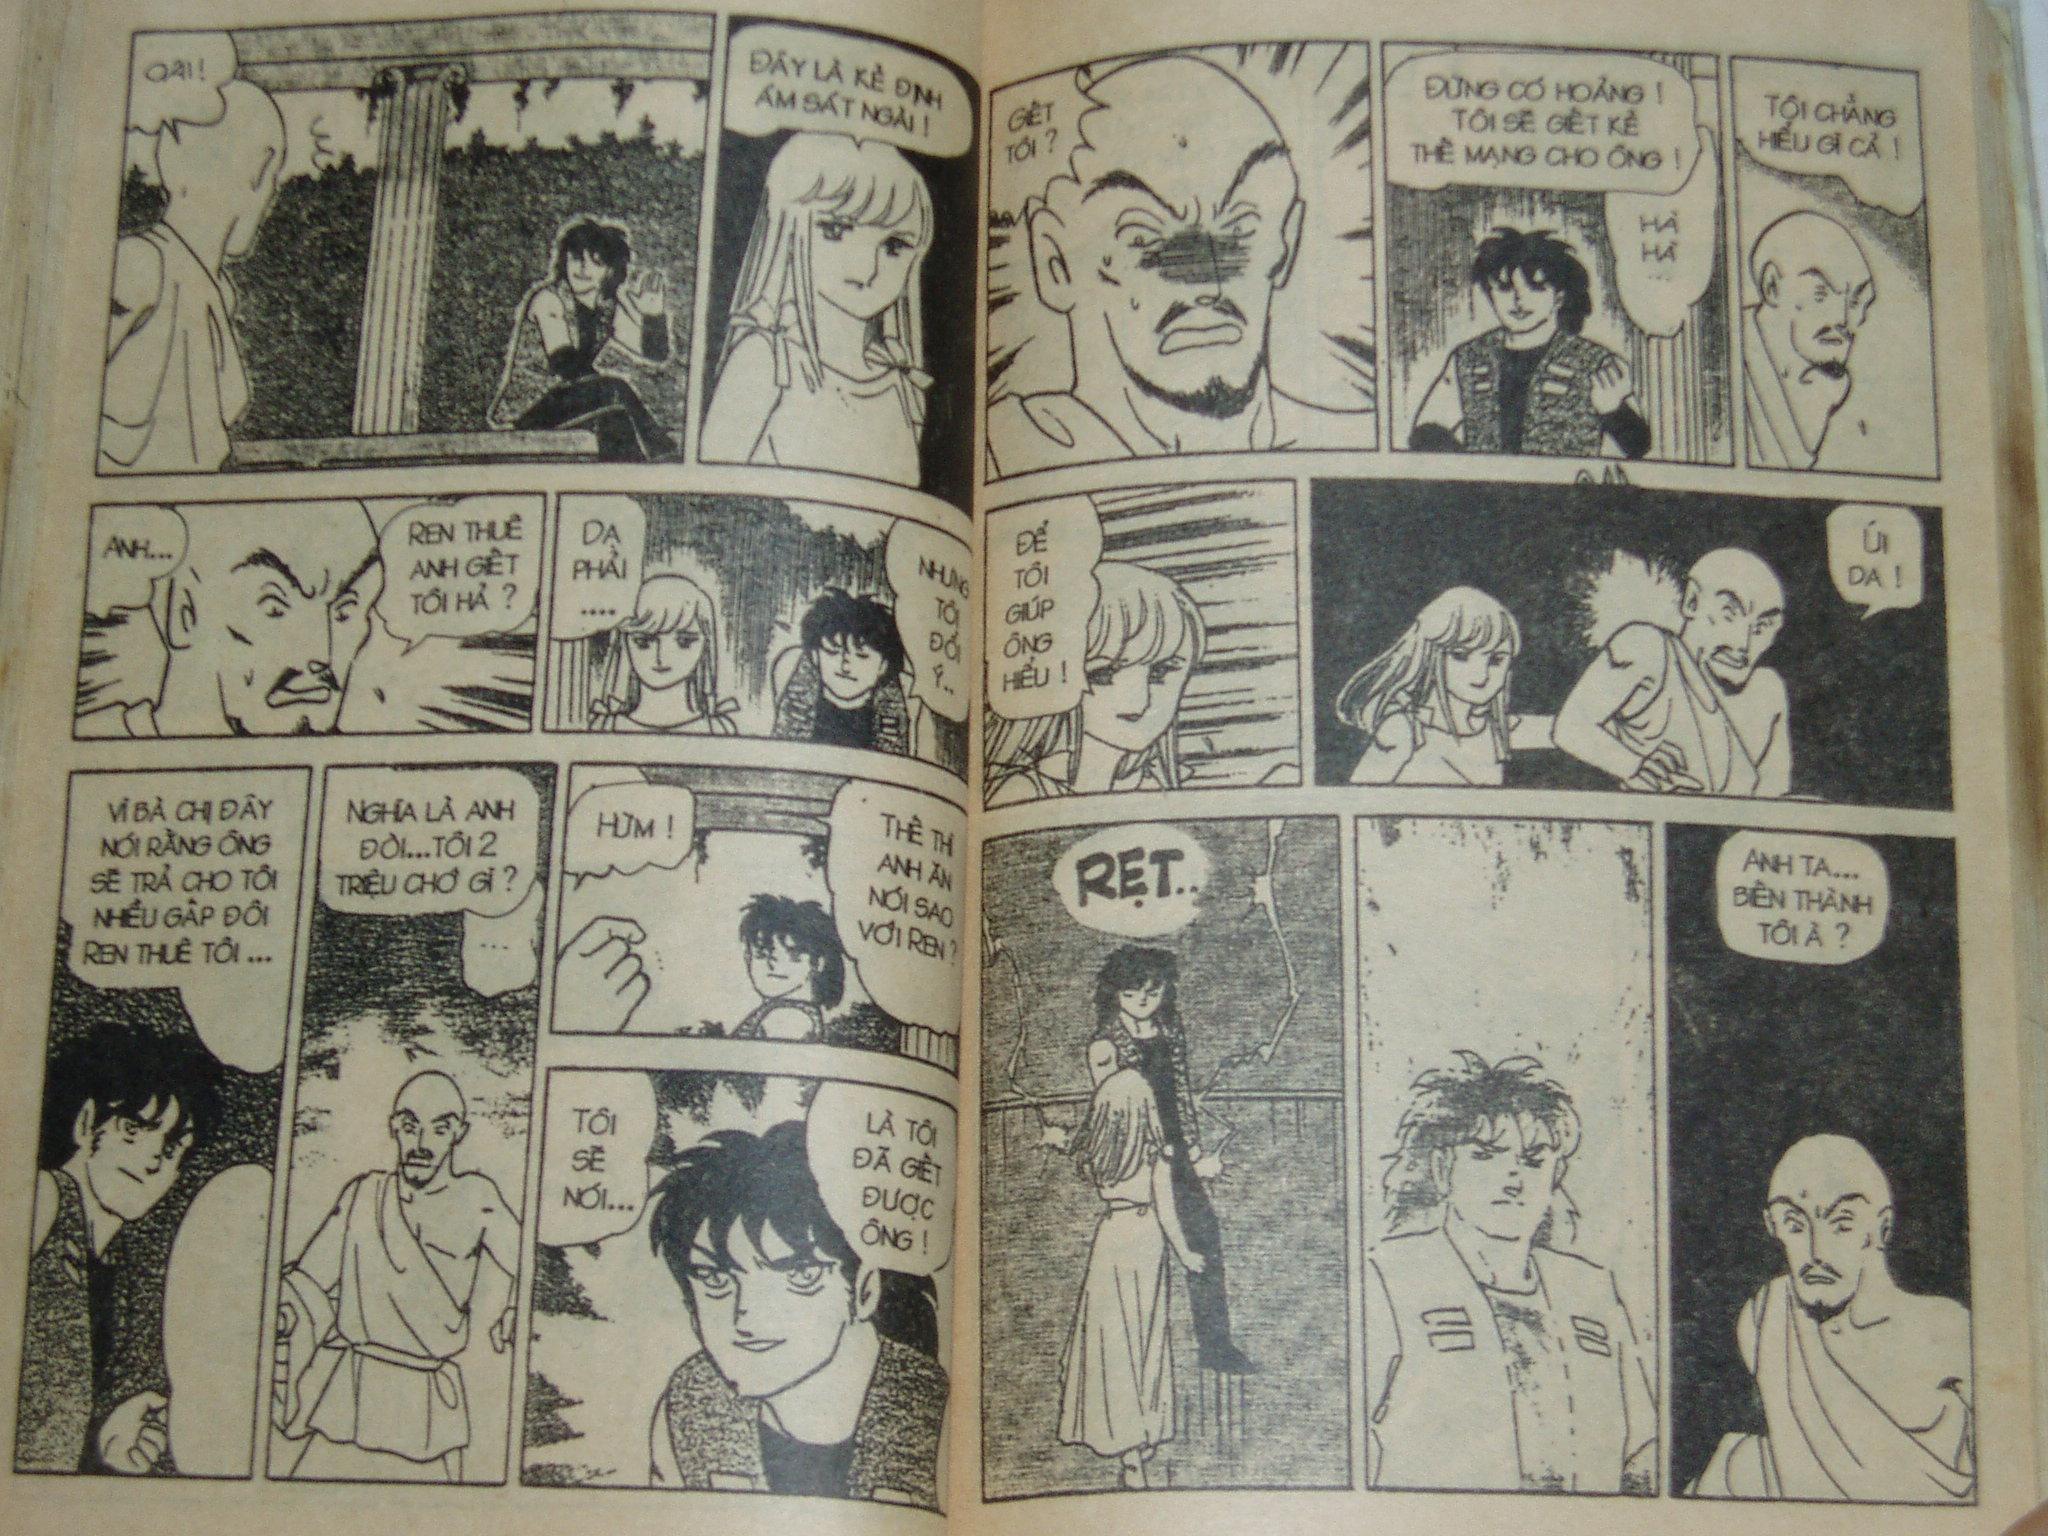 Siêu nhân Locke vol 18 trang 33